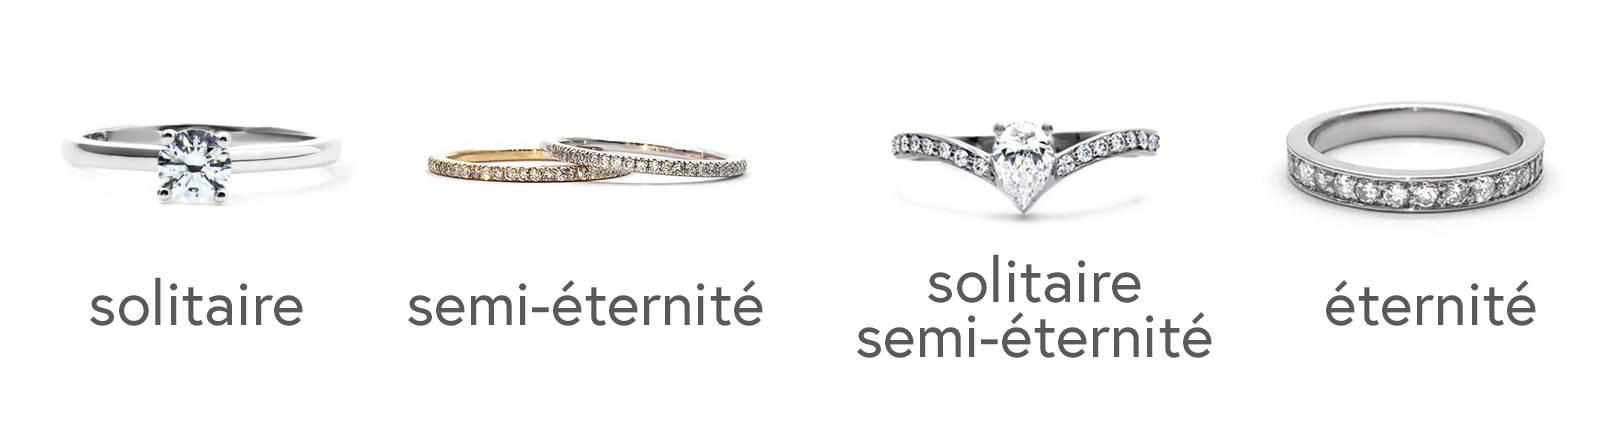 Comparison table of solitaire, semi-eternity, solitaire semi-eternity and eternity engagement rings